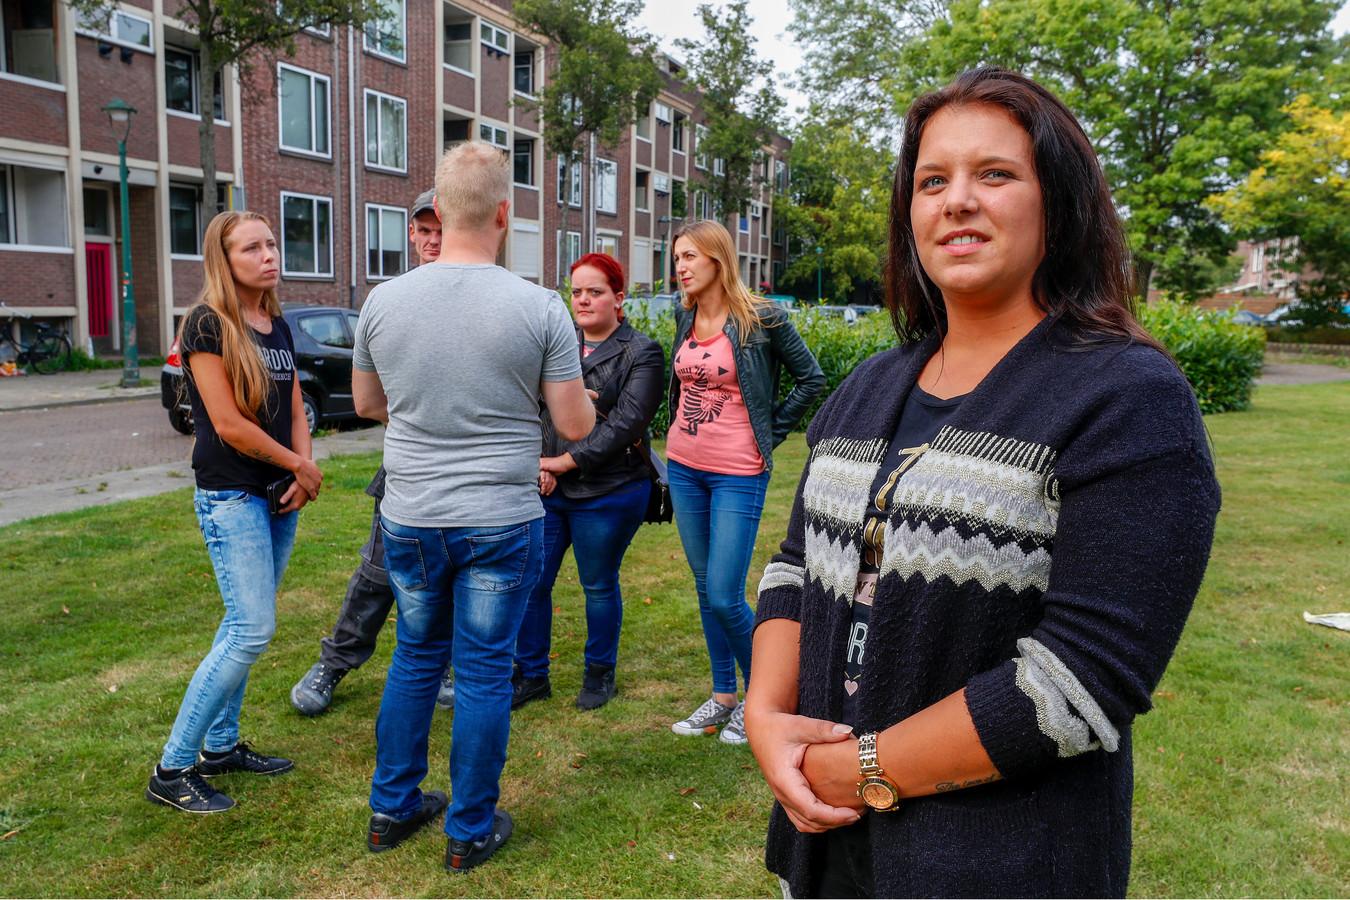 Nikki een van de gedupeerden van de woningverhuur. Op de achtergrond een aantal anderen die opgelicht zijn.